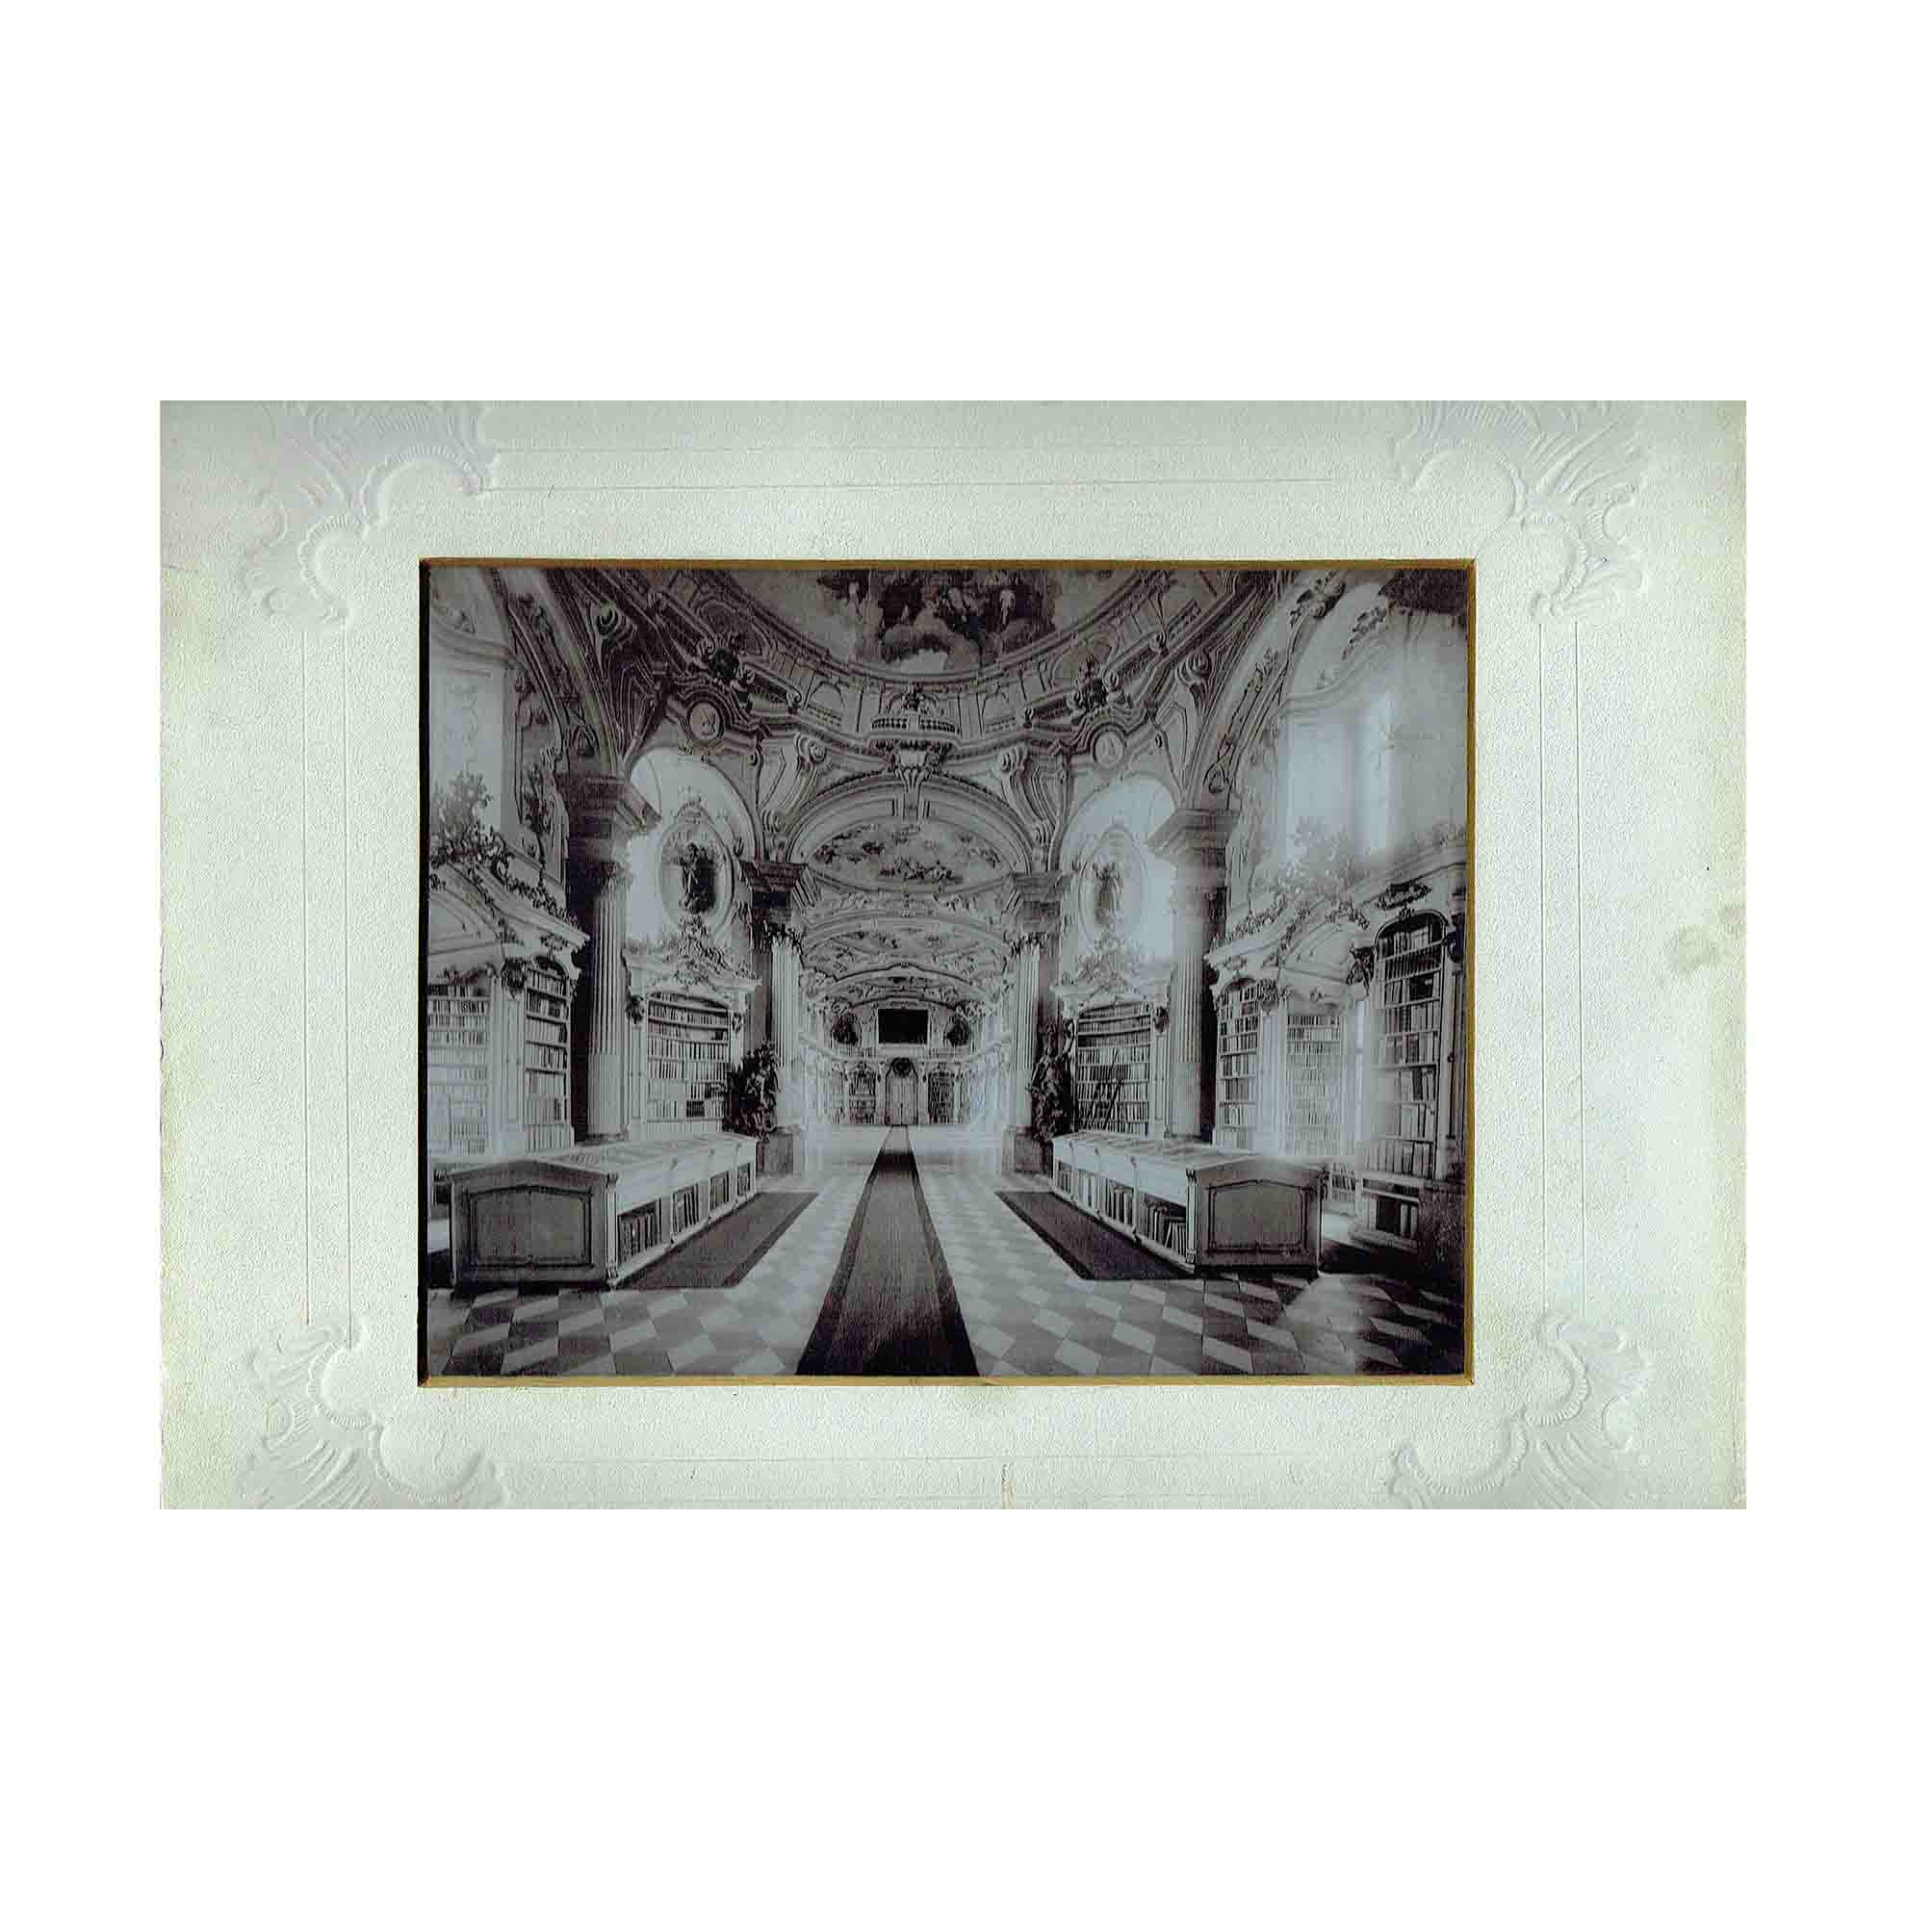 5505-Stift-Admont-Bibliothek-Lichtdruck-1897-N-1.jpeg